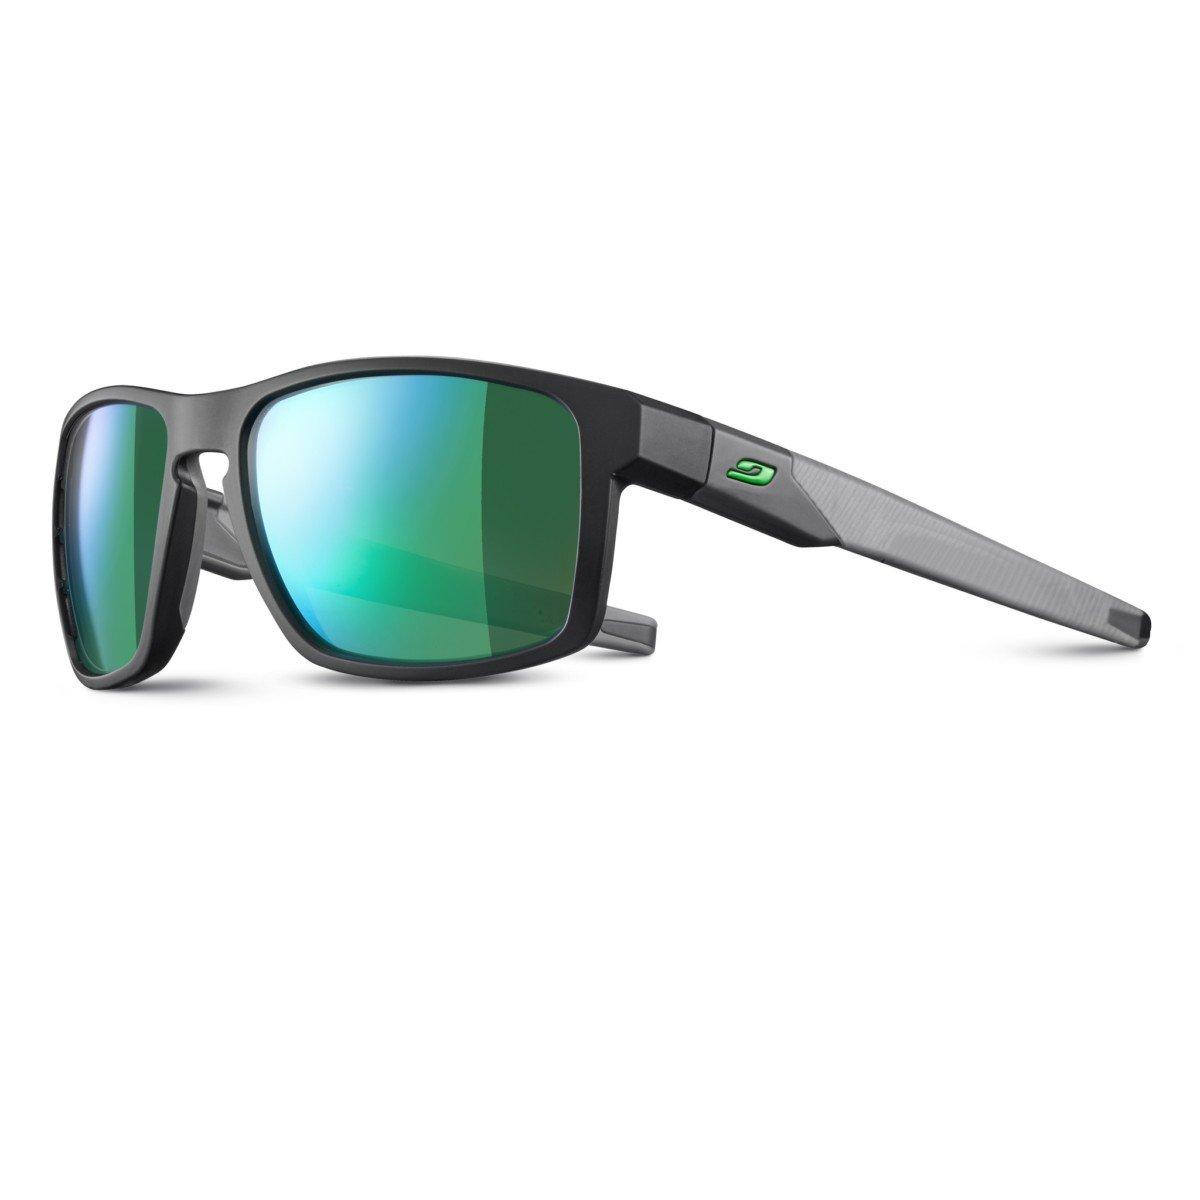 Nouveaux produits f18bc 8d4f7 Julbo Stream gris SP3CF vert, lunette de soleil outdoor homme.